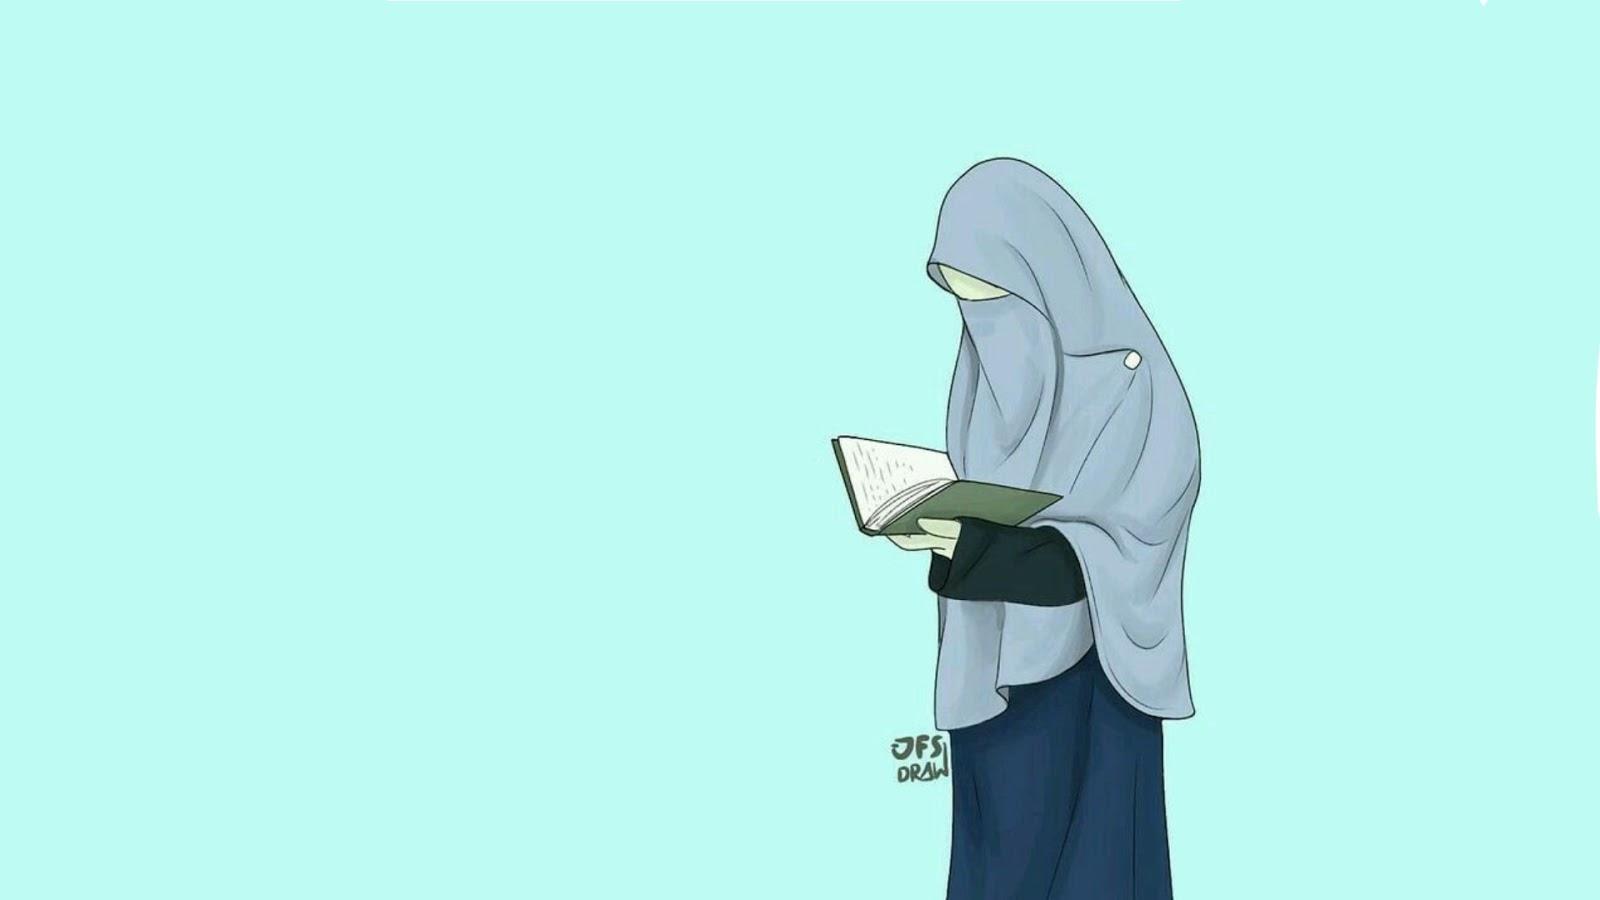 25 Kata Mutiara Bahasa Arab Tentang Wanita